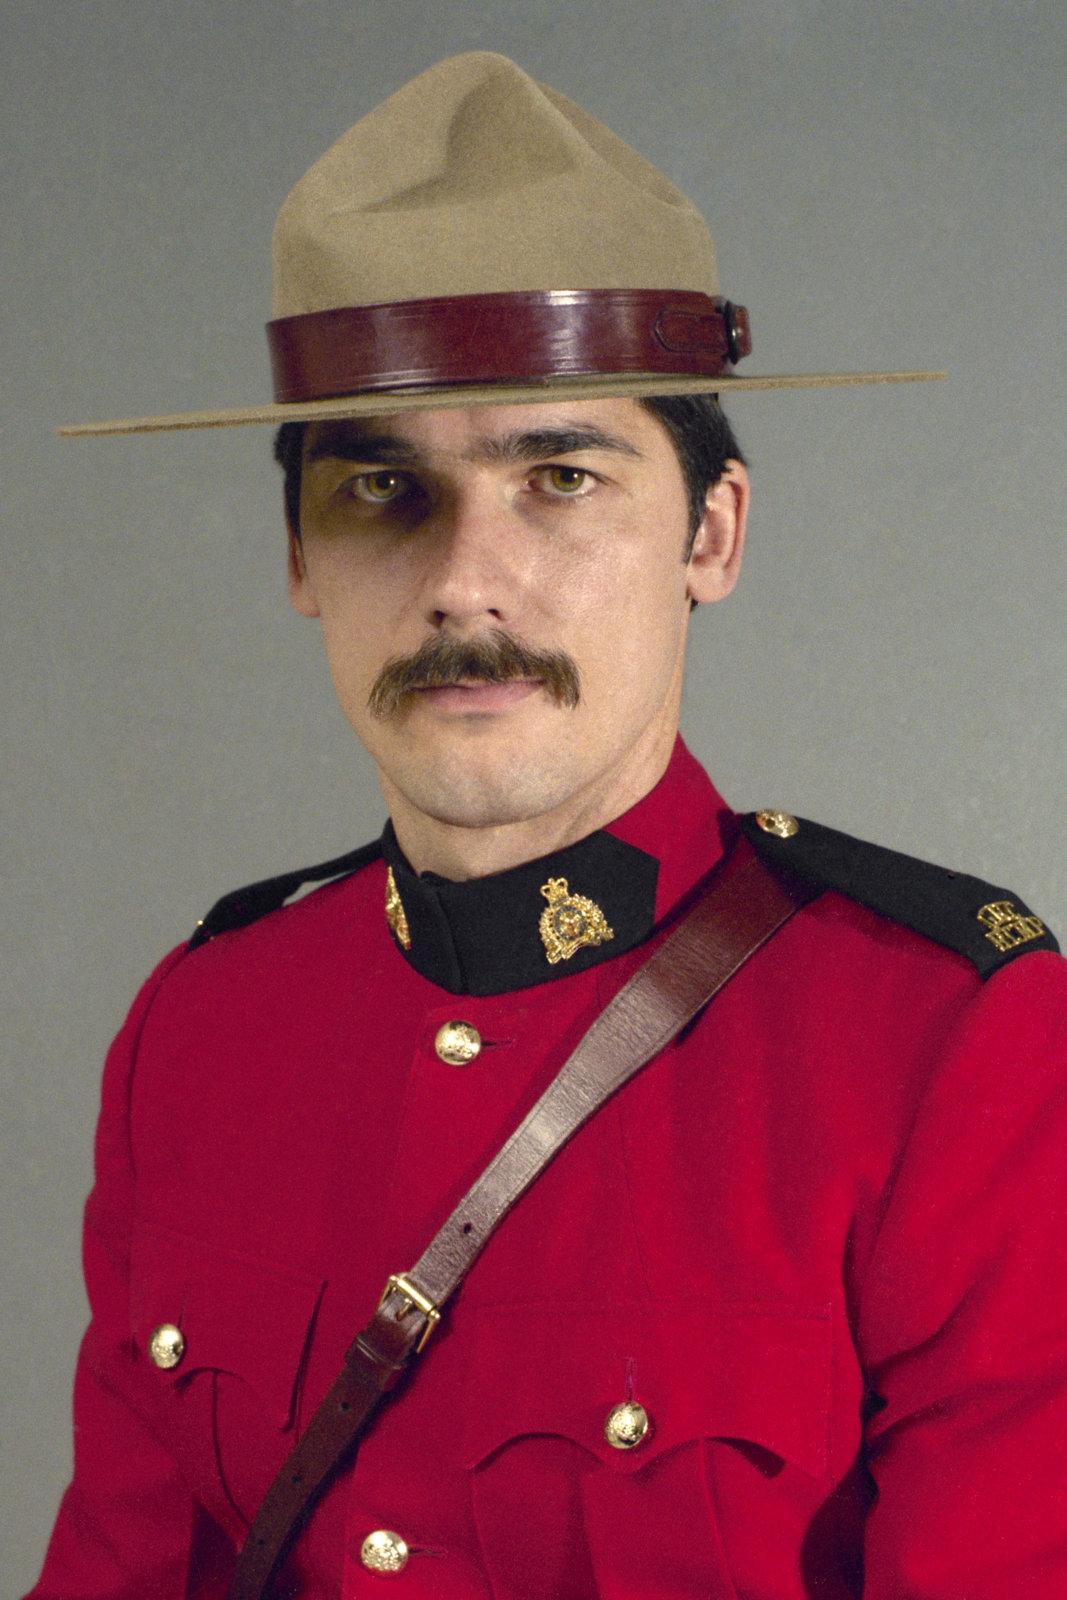 Caporal Derek John Flanagan